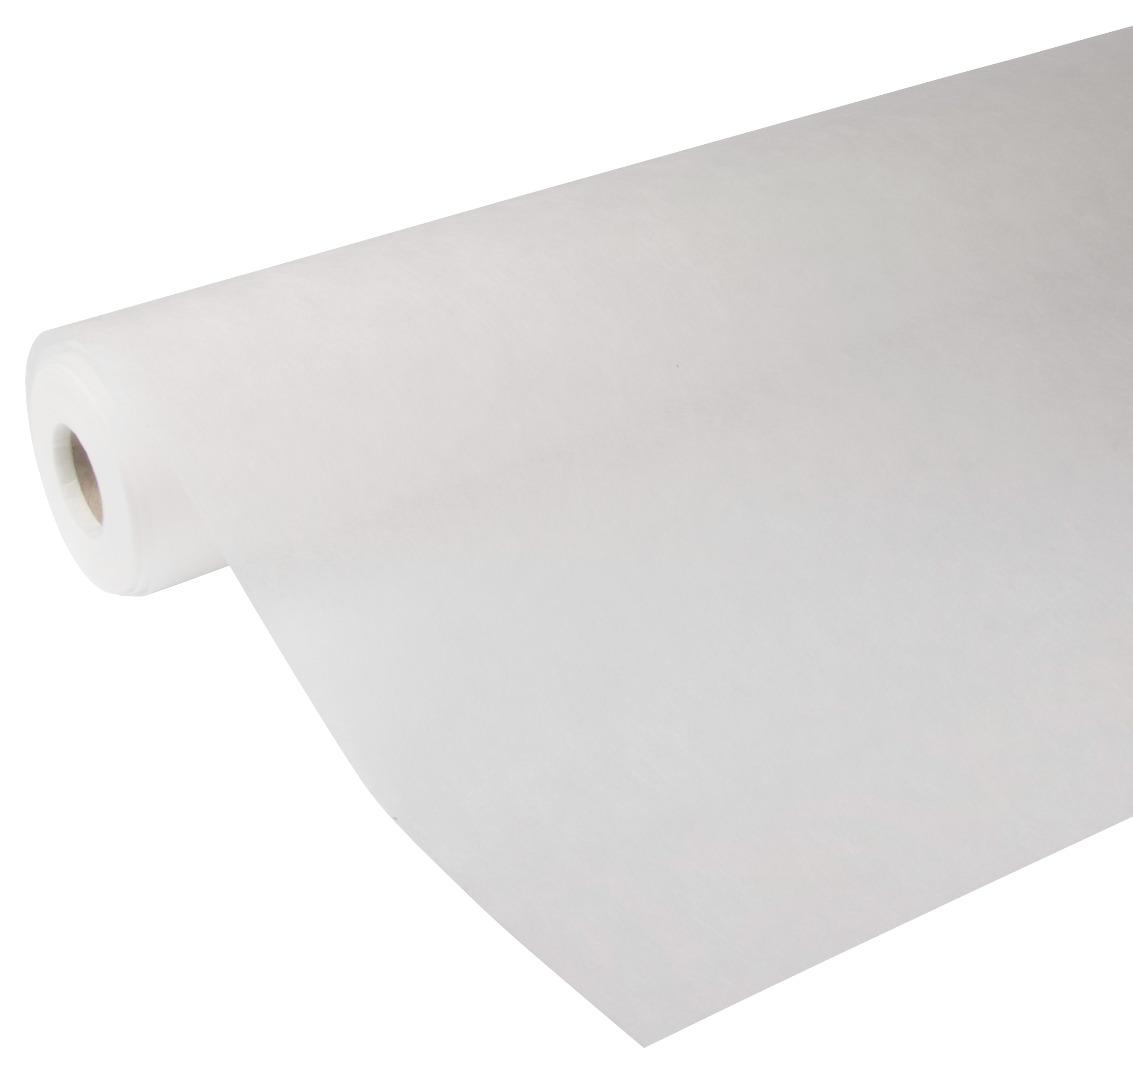 Glasweefselbehang ruit kant en klaar wit 25 meter (dessin GWK404-25)